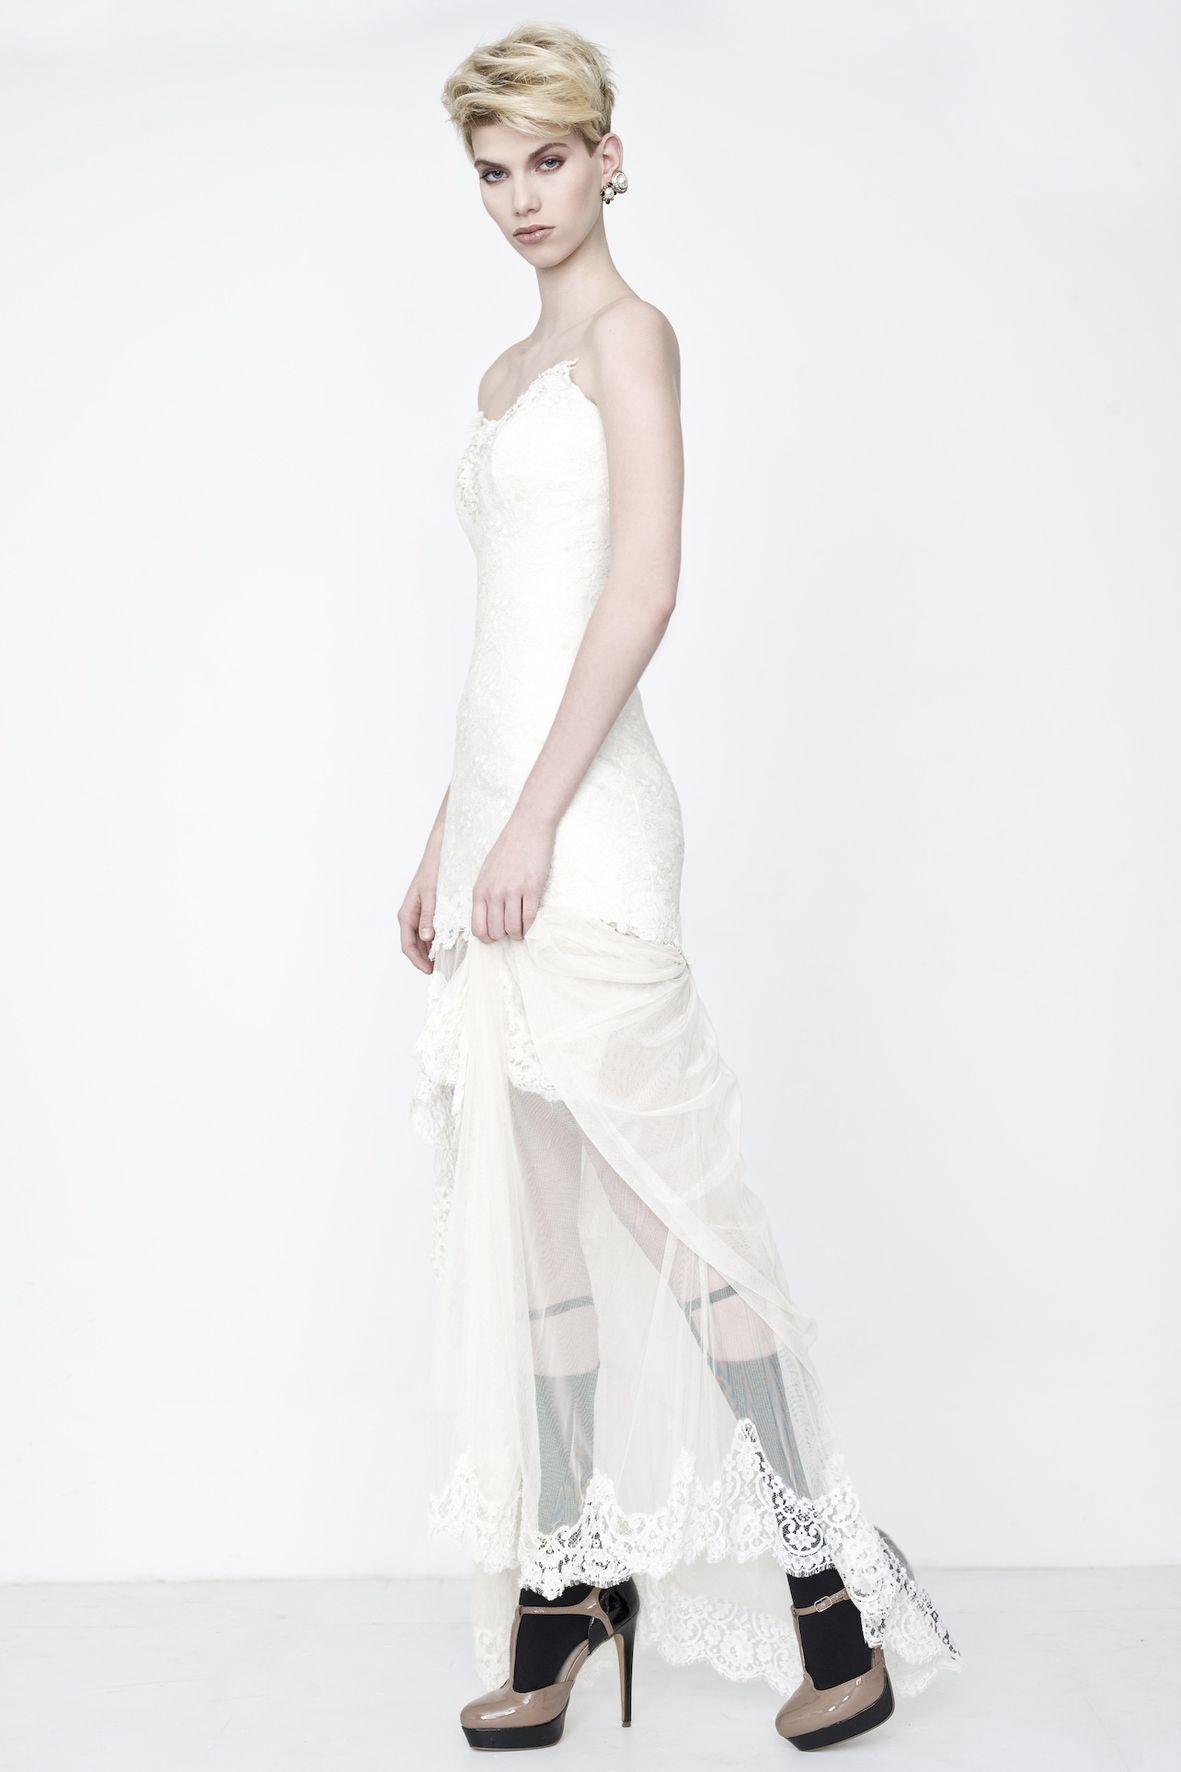 Makány Márta wedding dresses  #bridal #wedding #gown #makany